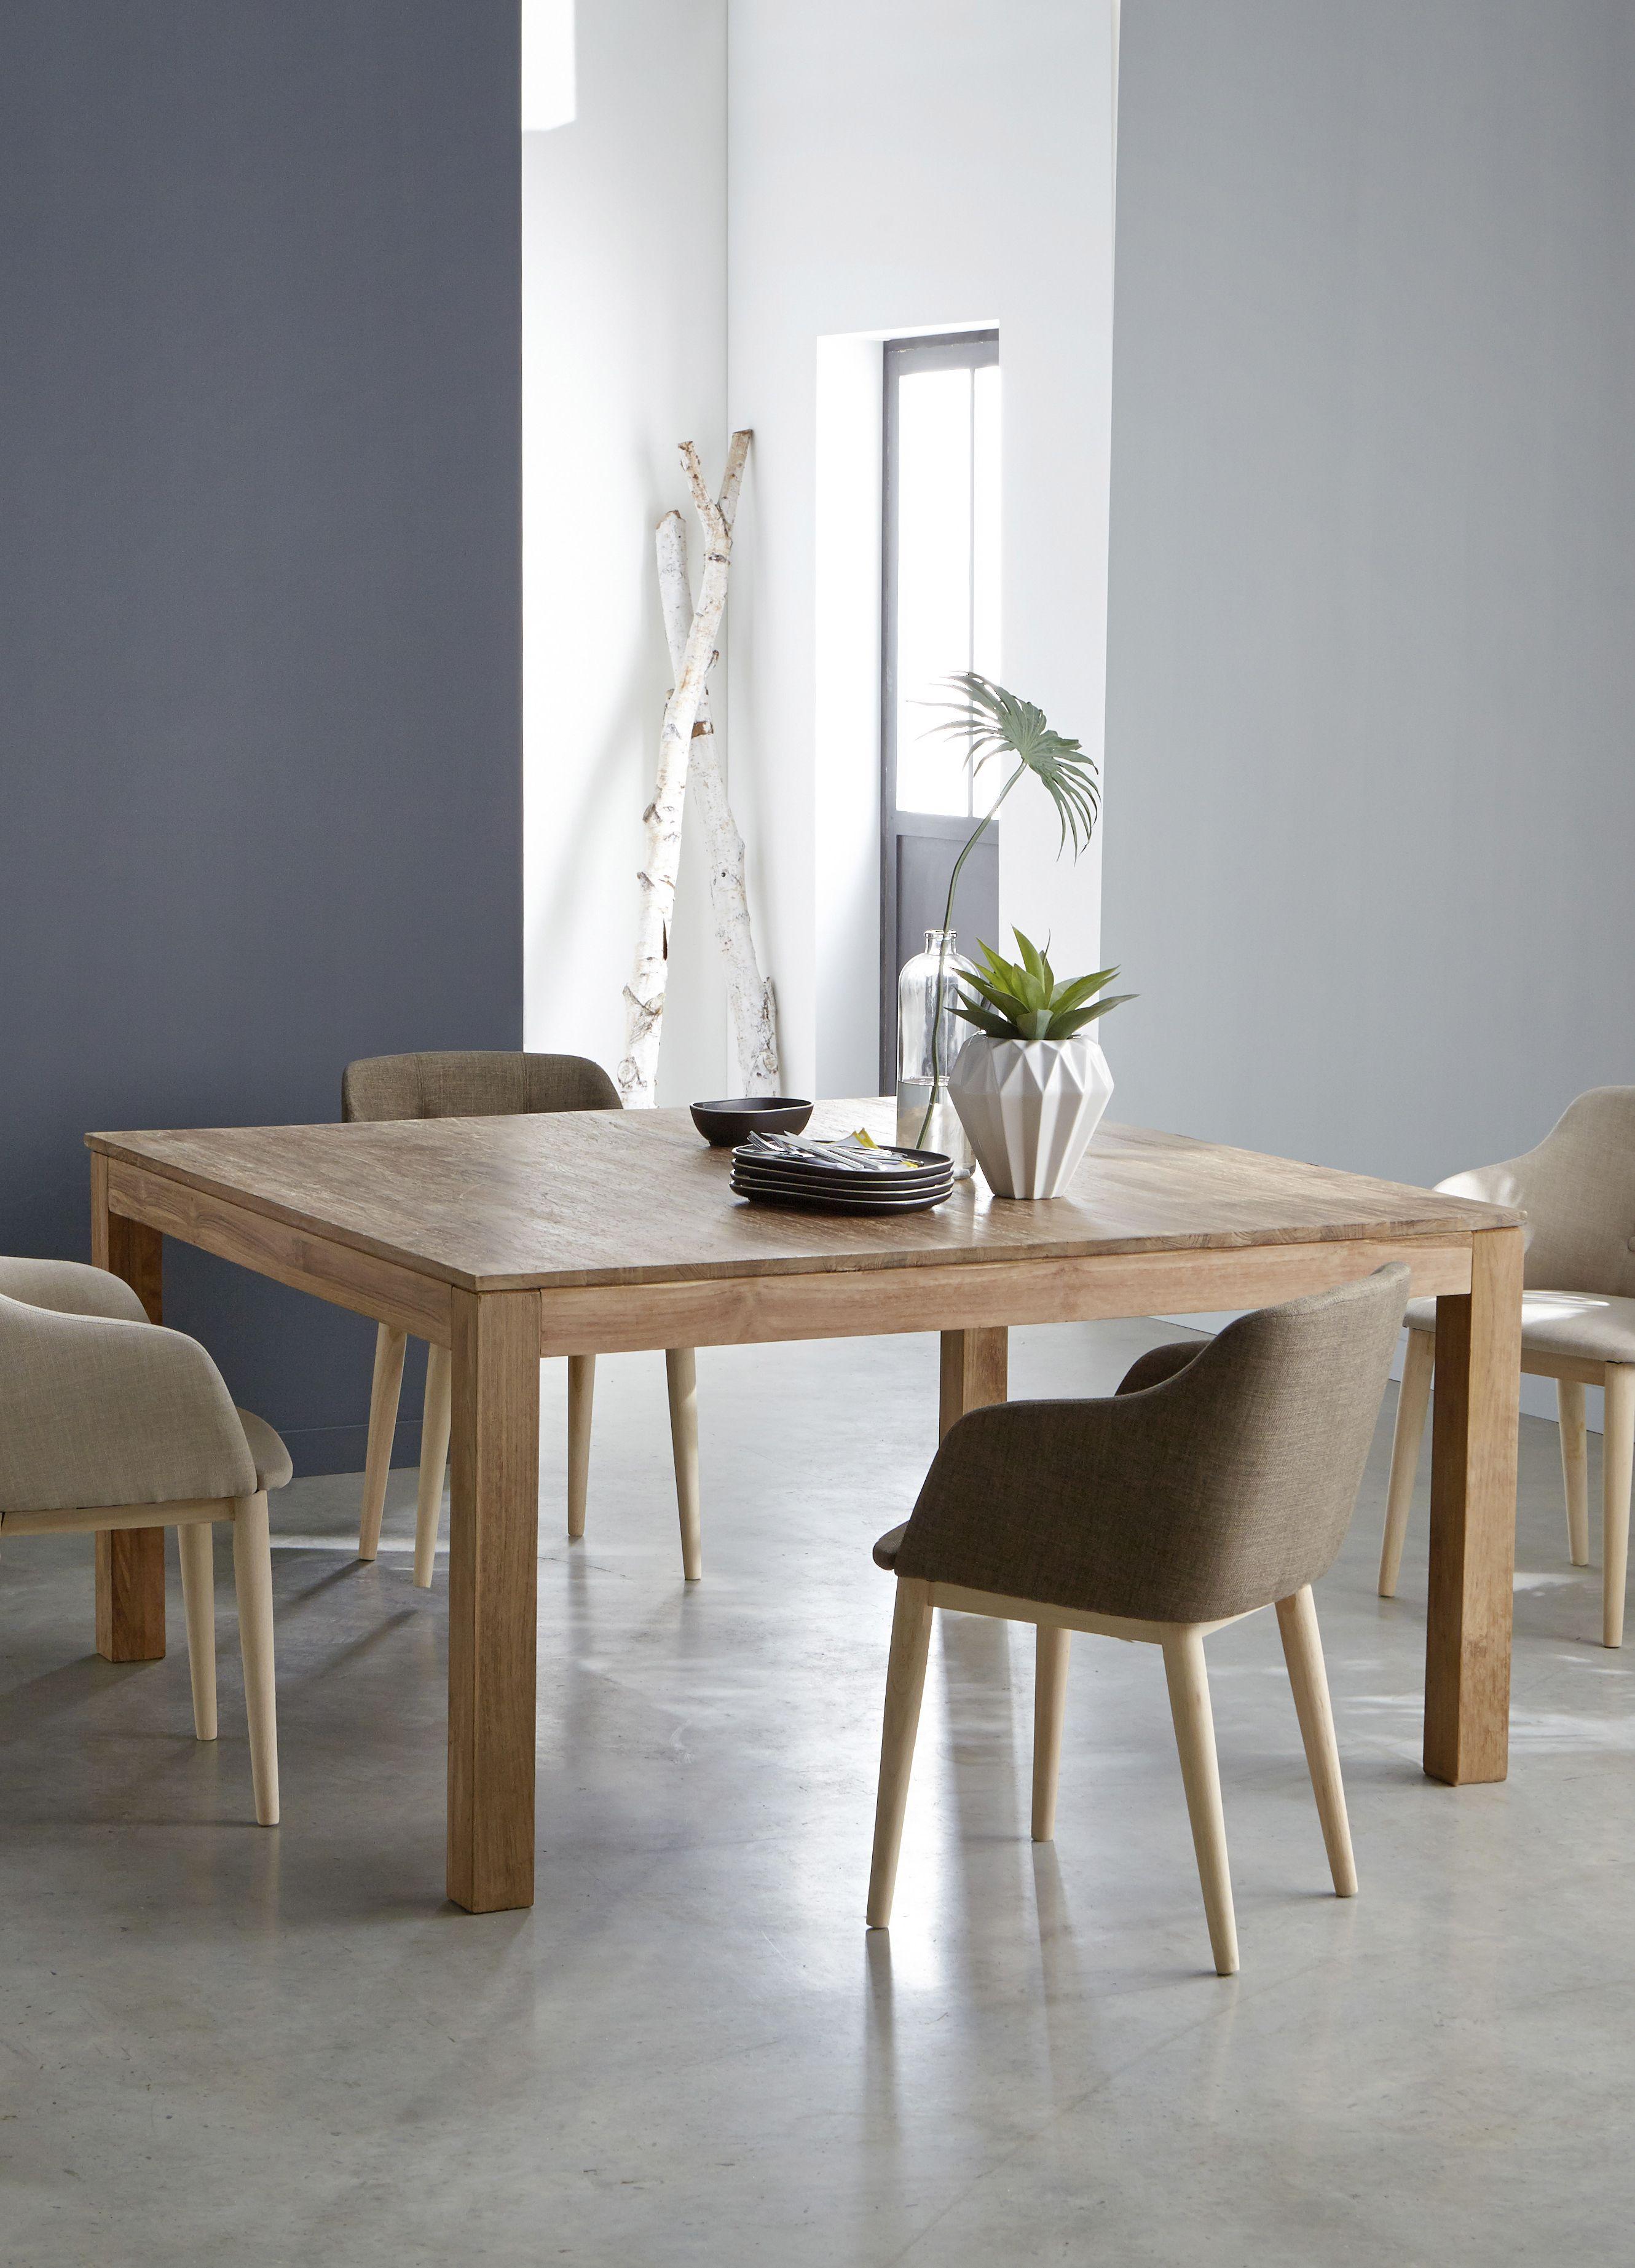 Chaises Alinea Salle A Manger cork | chaise capitonnée avec accoudoirs - décoration - déco